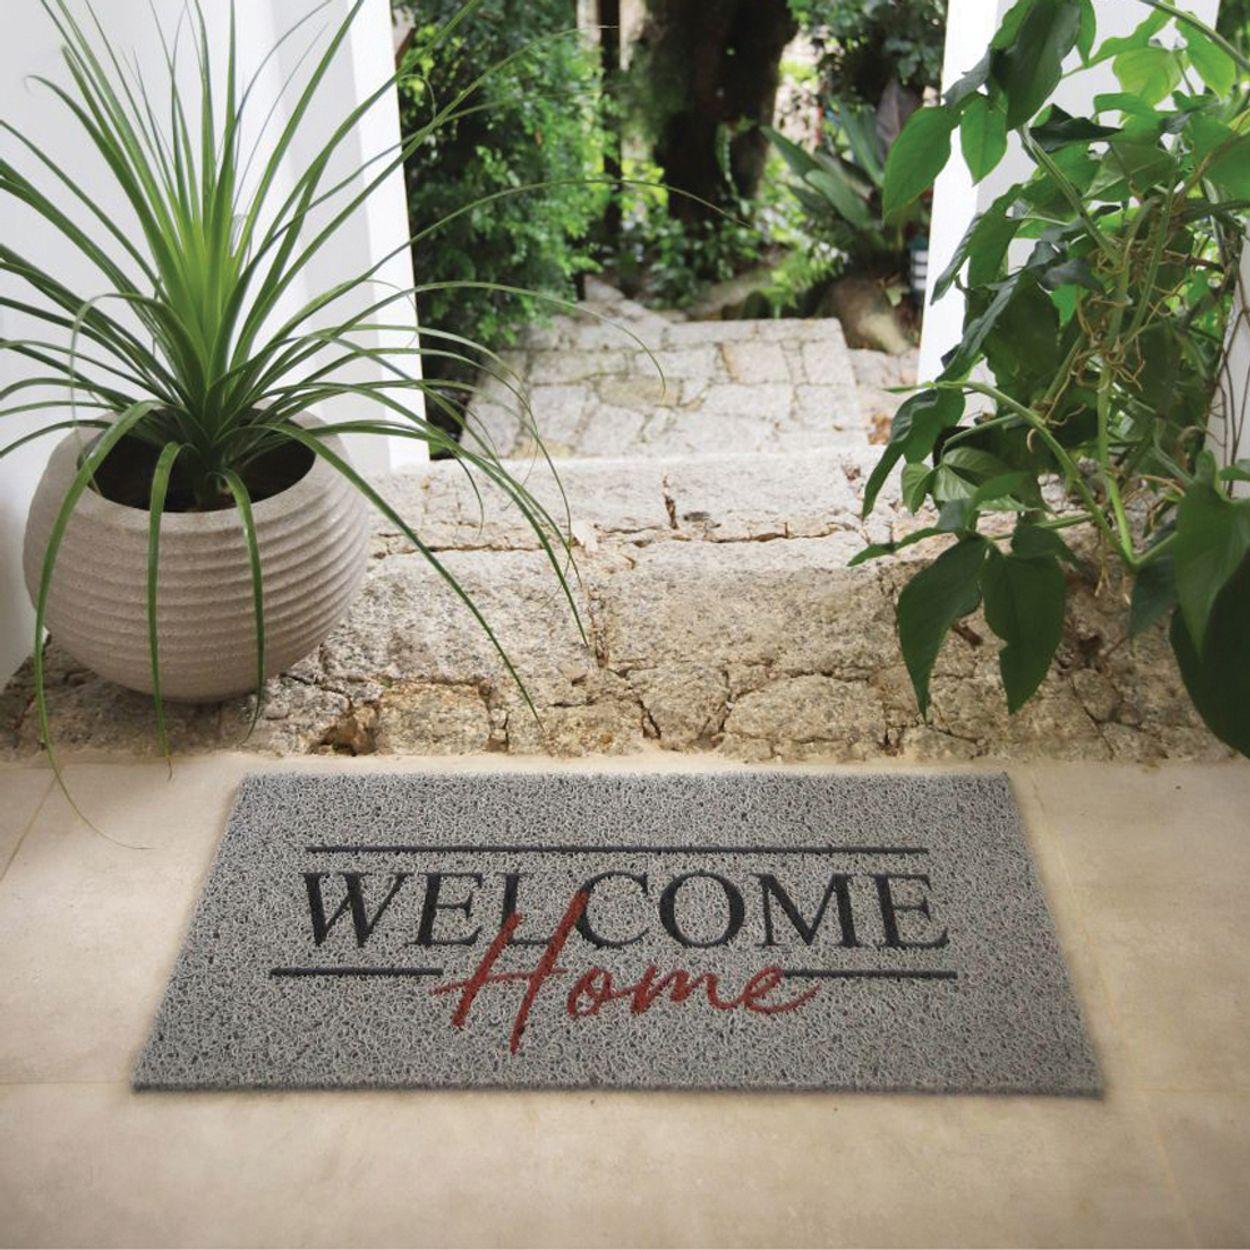 imagem de um capacho escrito welcome home